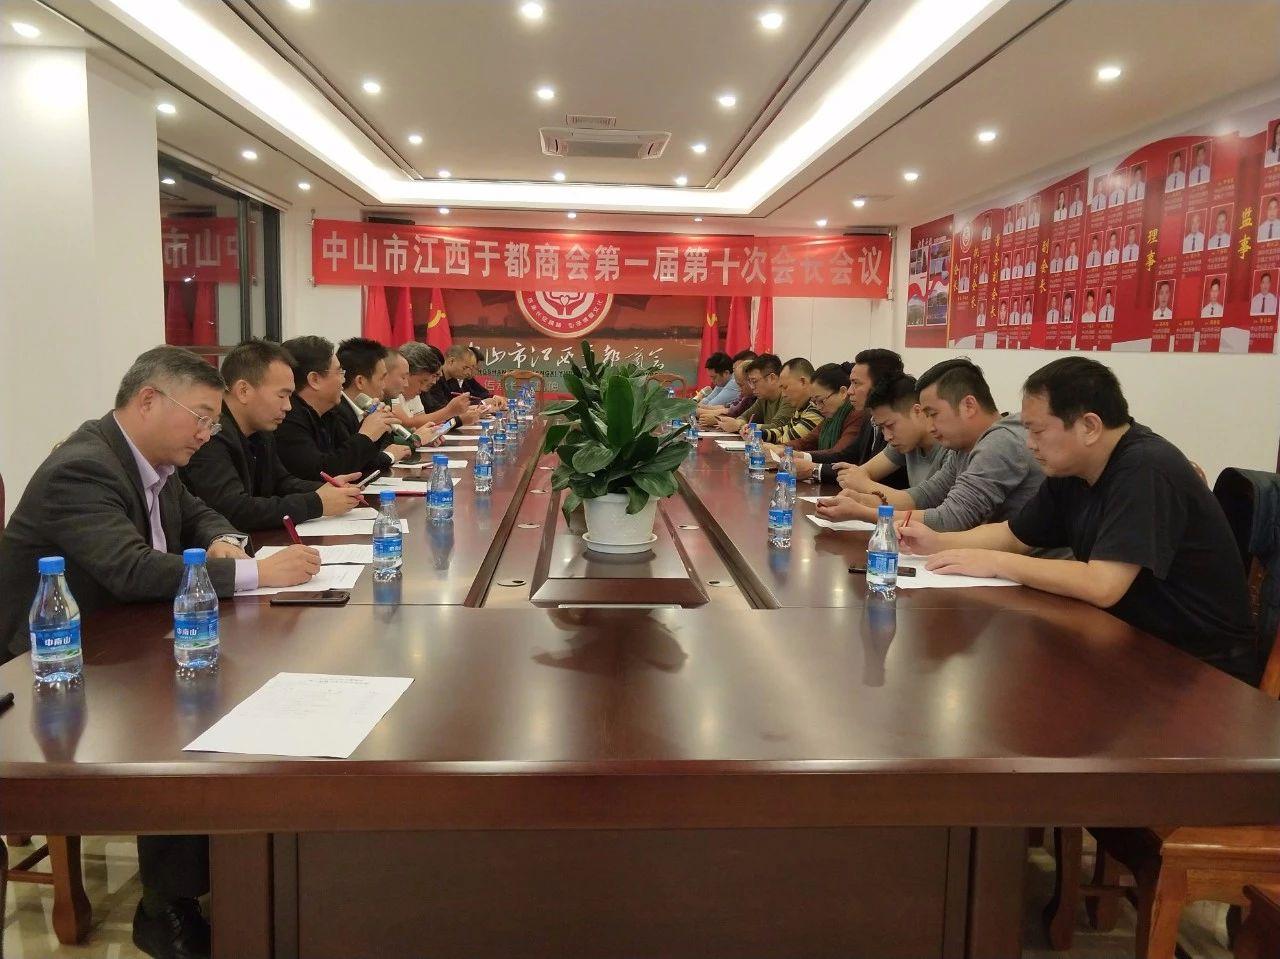 热烈祝贺中山市江西金沙平台商会第一届第十次会长会议隆重召开!